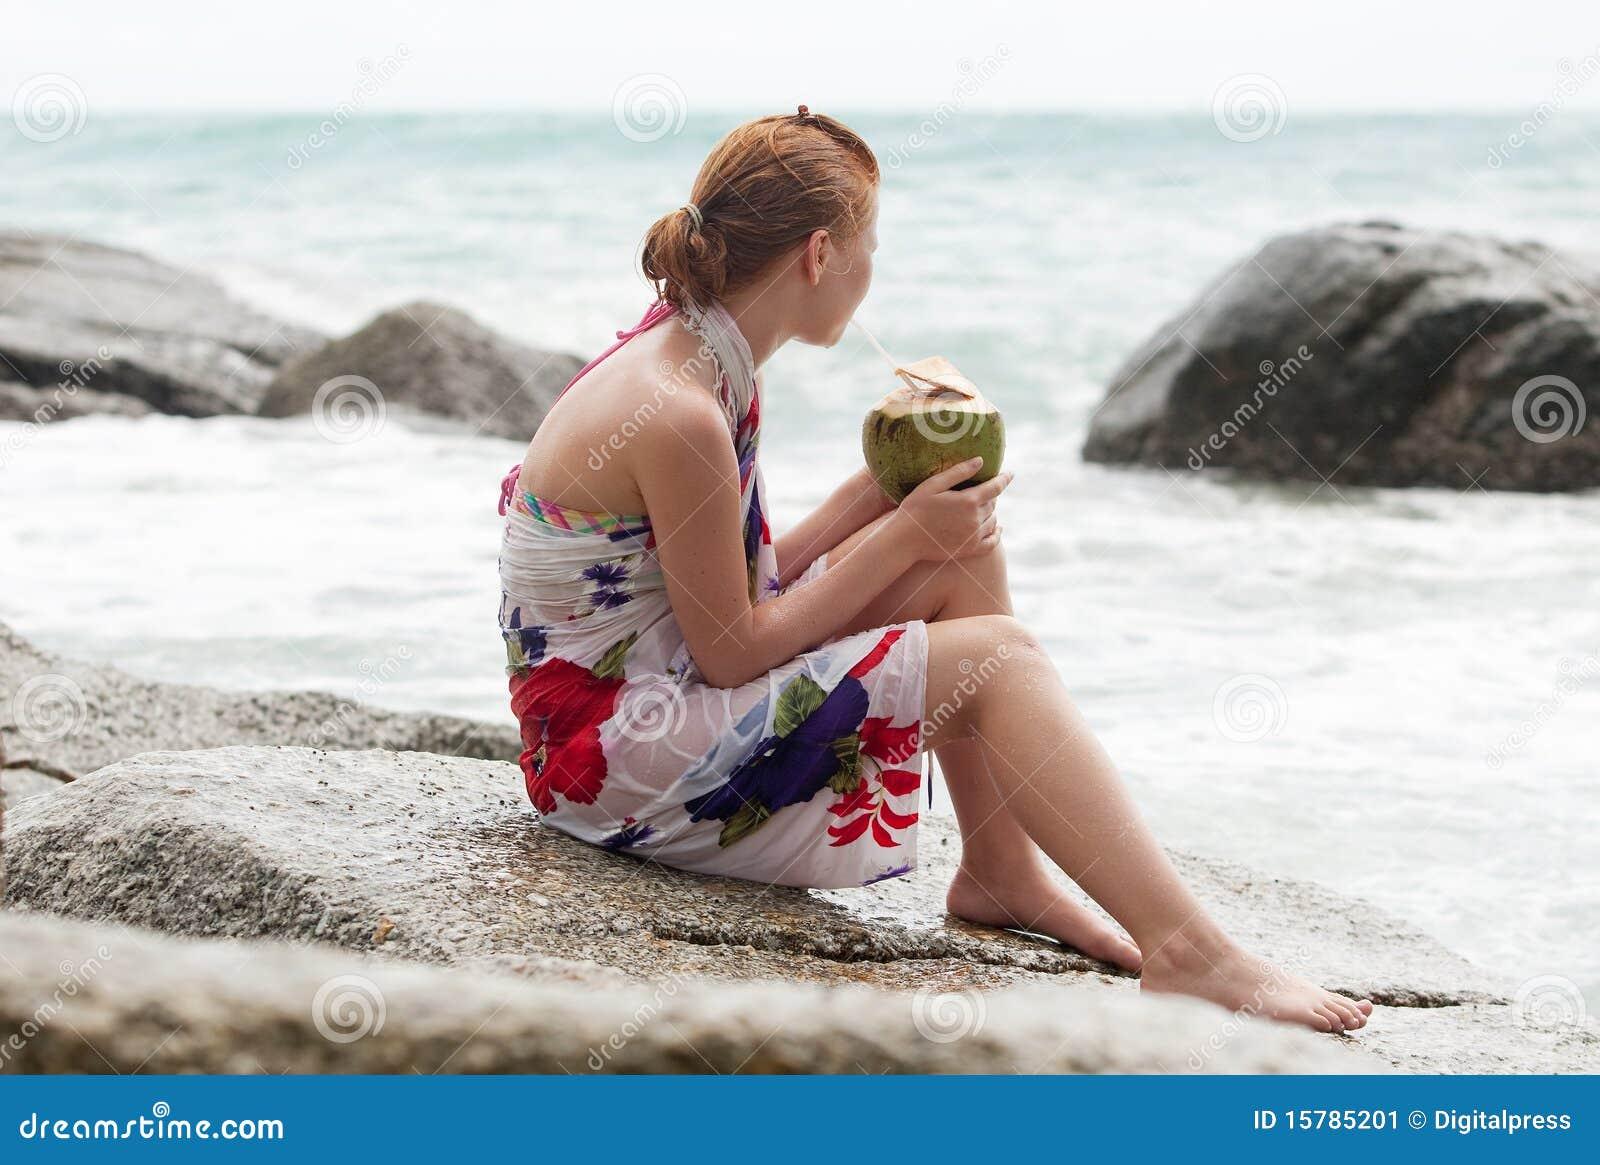 Vacation at the sea